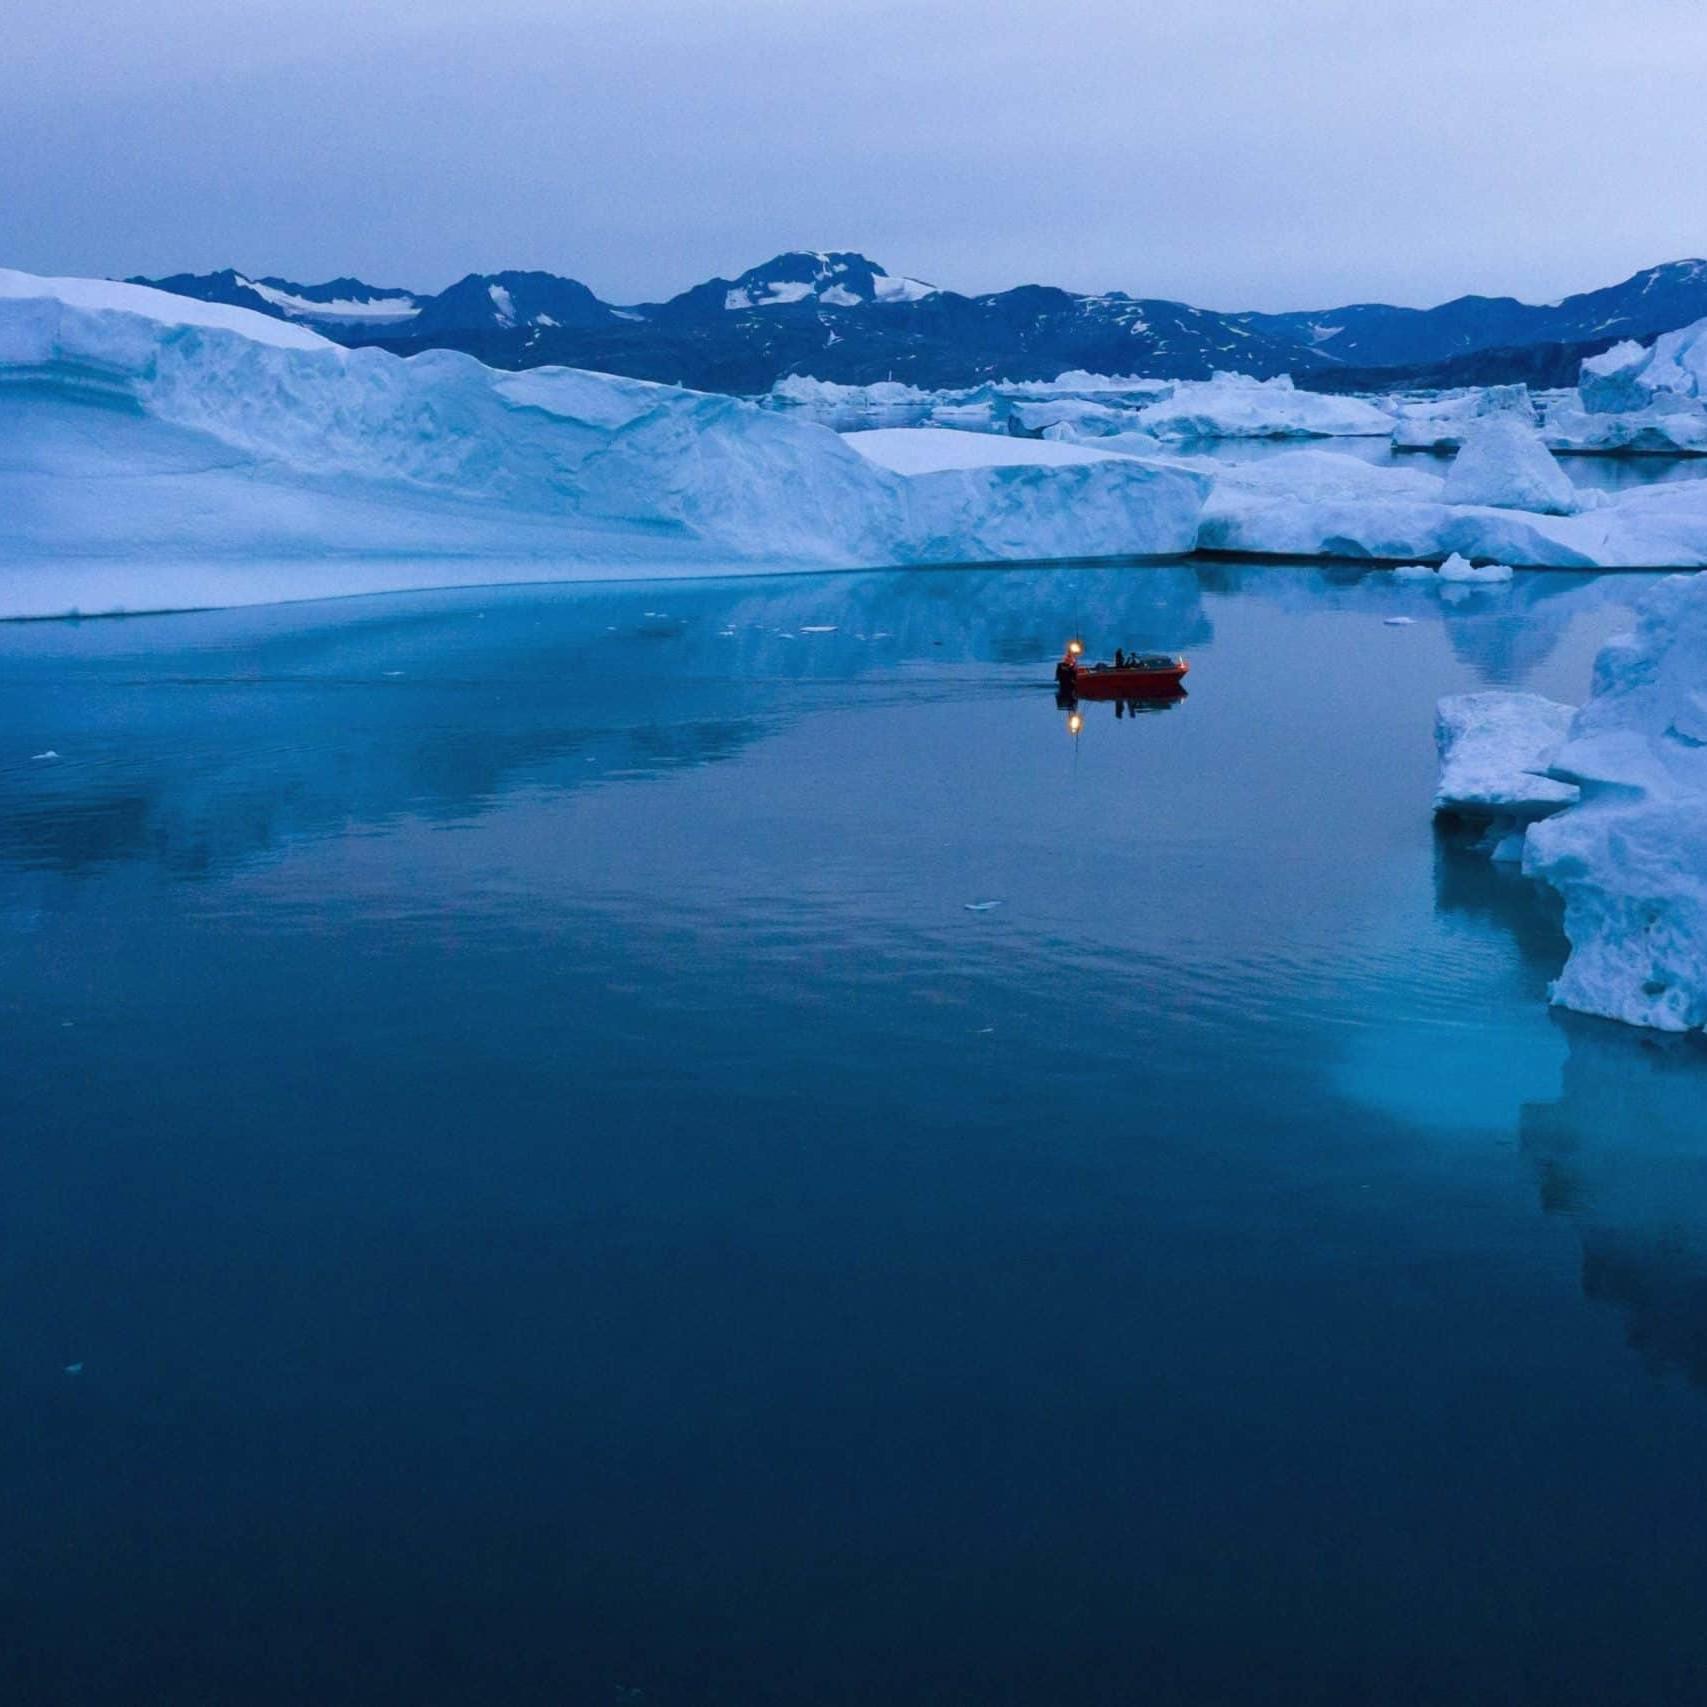 Trump e la Groenlandia, perché?